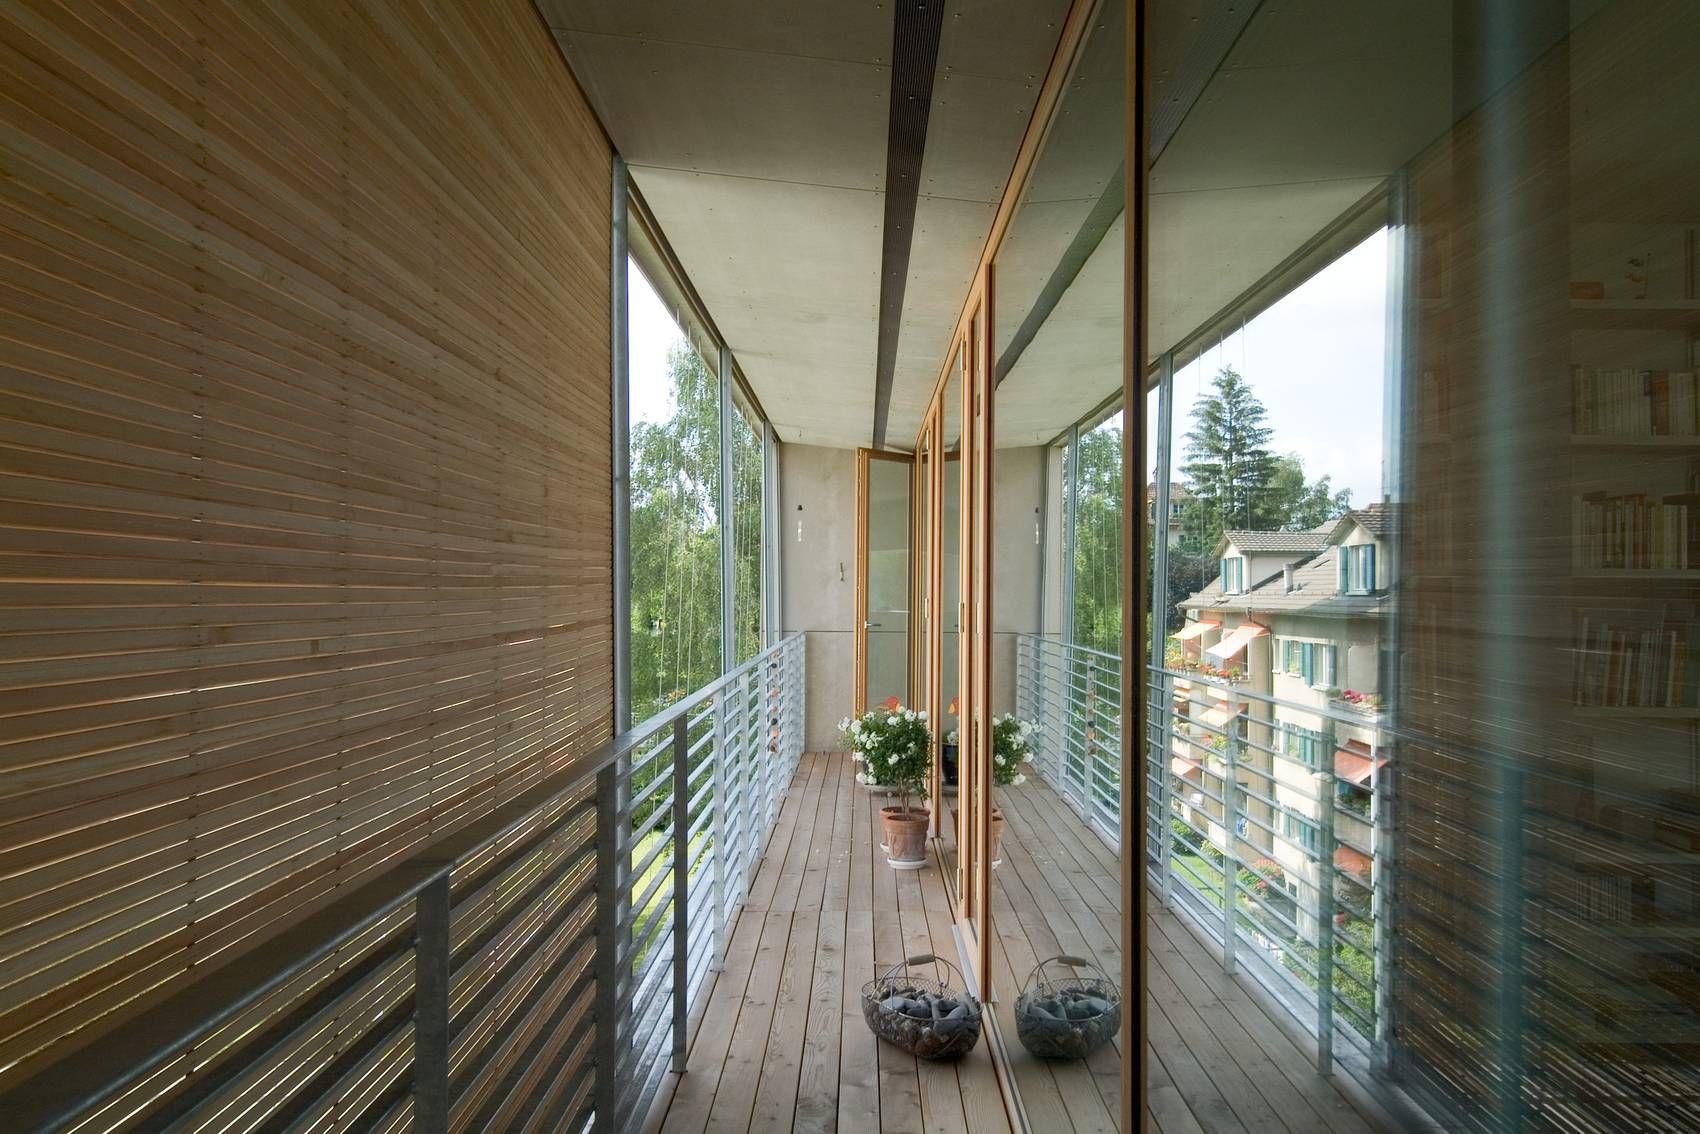 Solaio In Legno Lamellare Autoportante solaio autoportante - r q3 bv - lignotrend - in legno